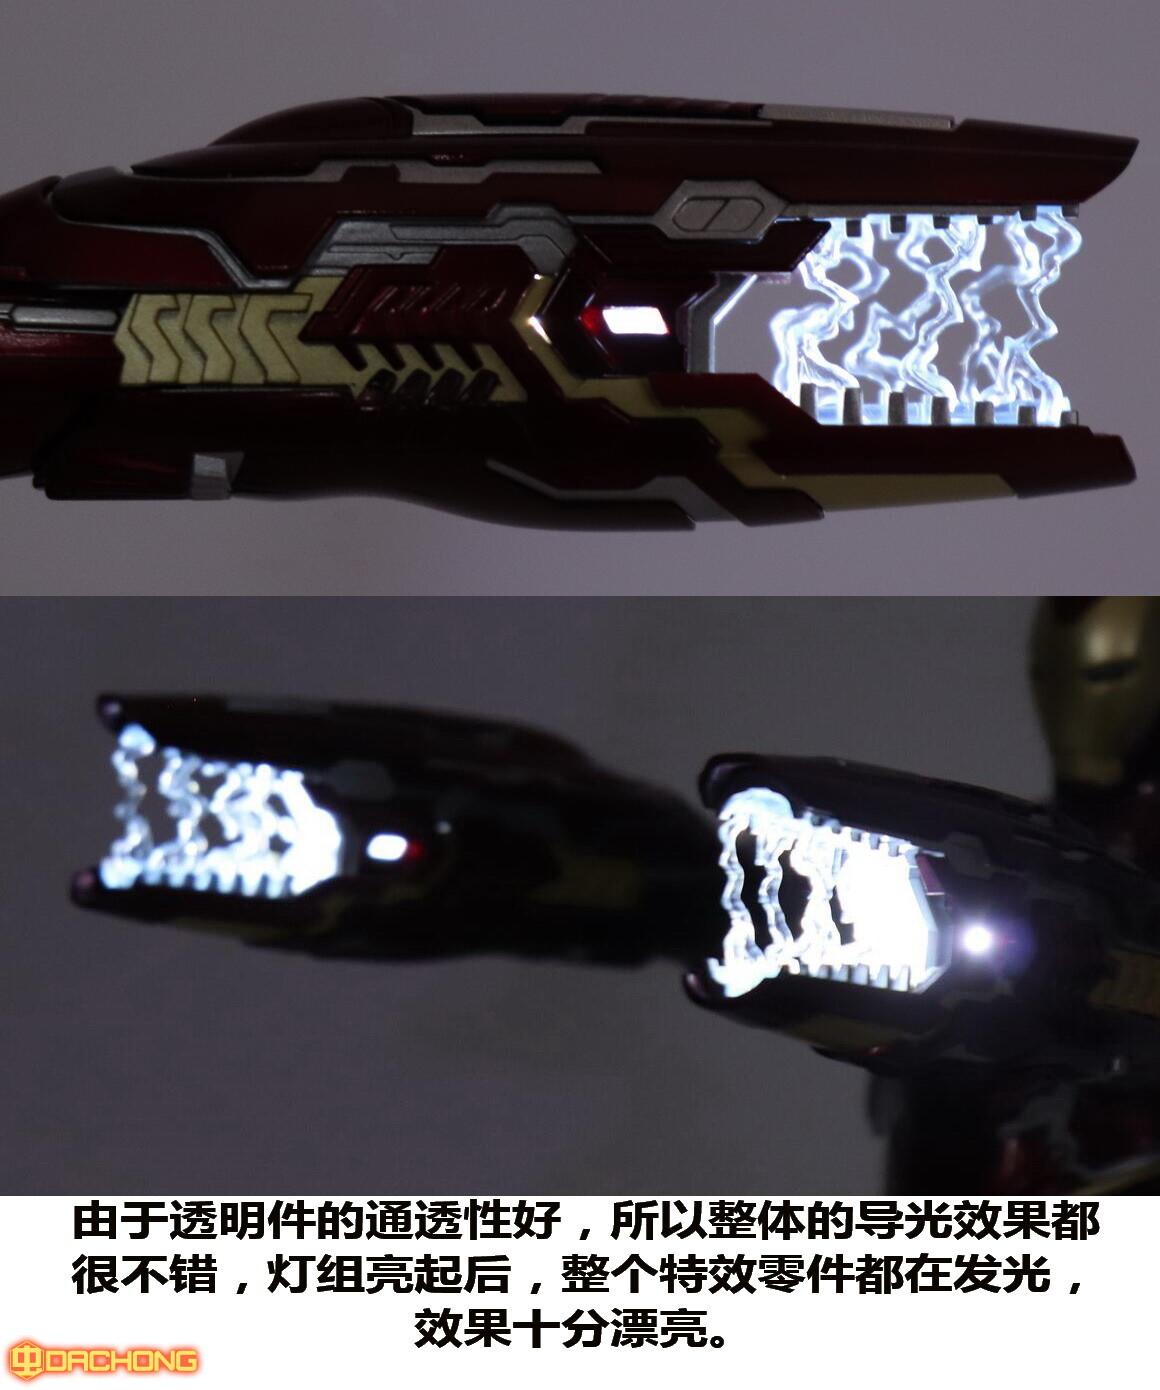 S498_2_e_model_ironman_mk85_dx_034.jpg